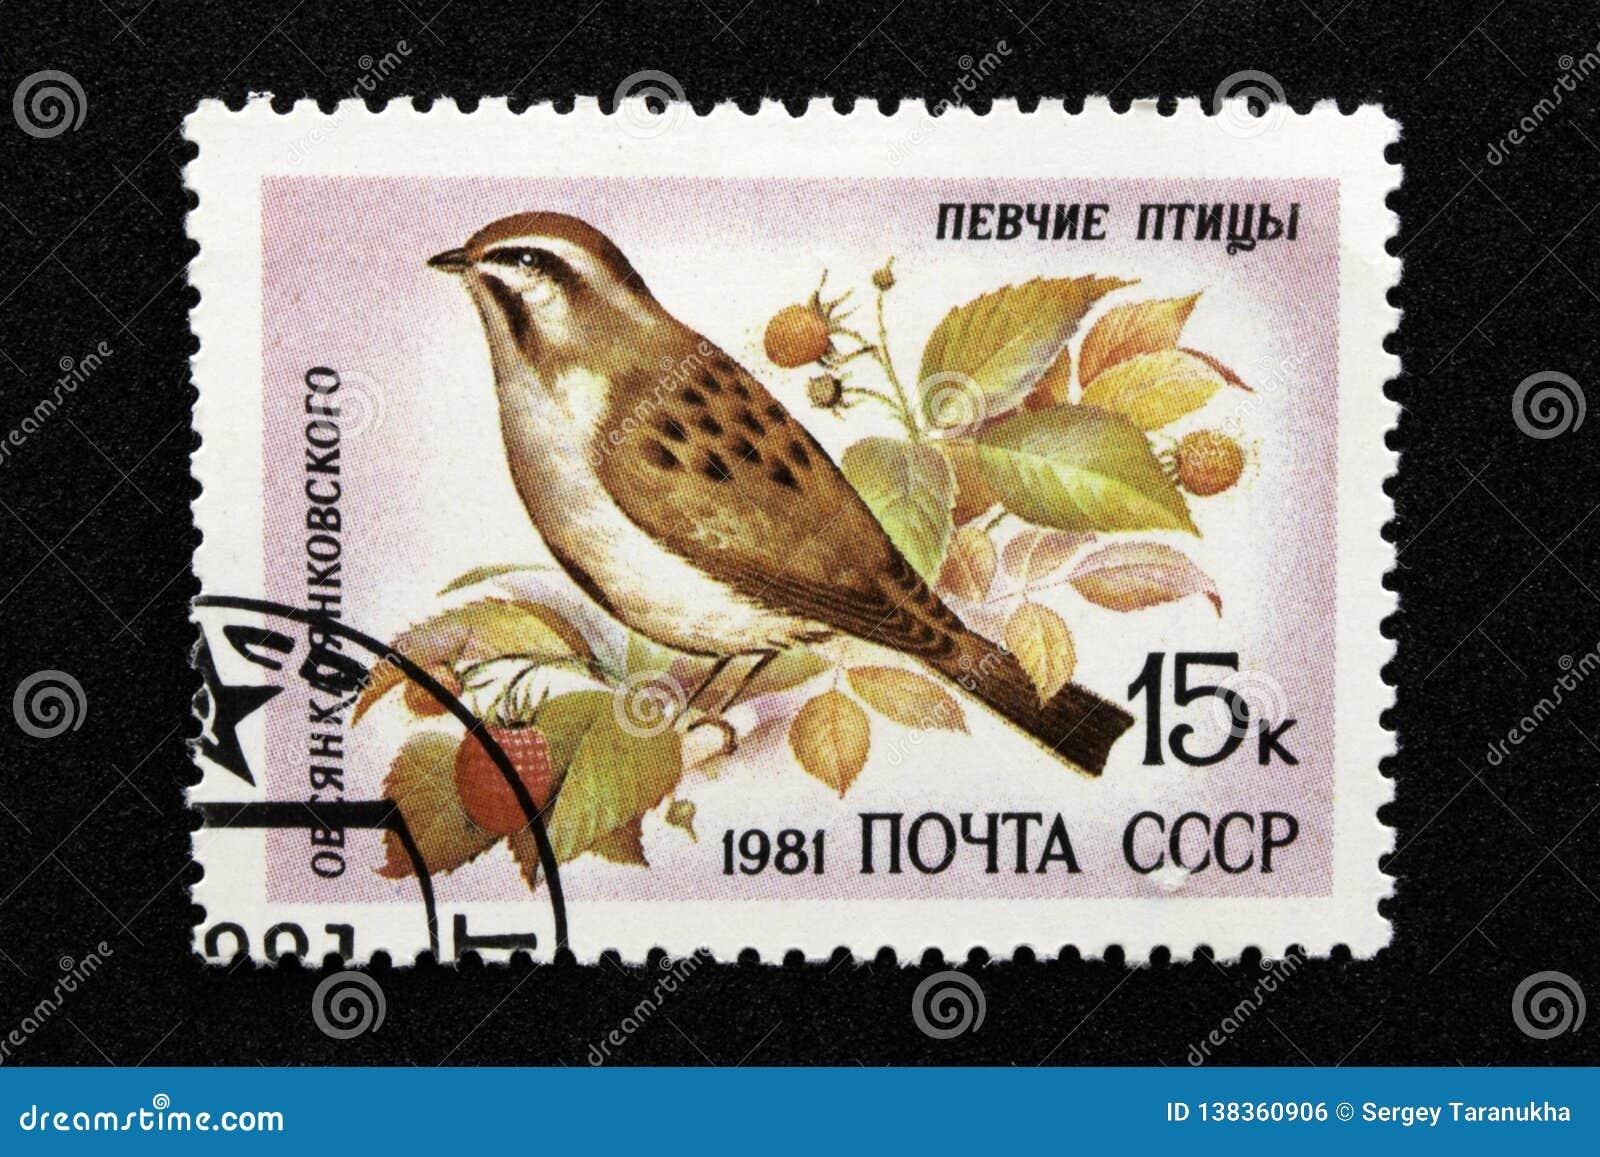 Die UDSSR-Briefmarke, Reihe - Songbirds, 1981